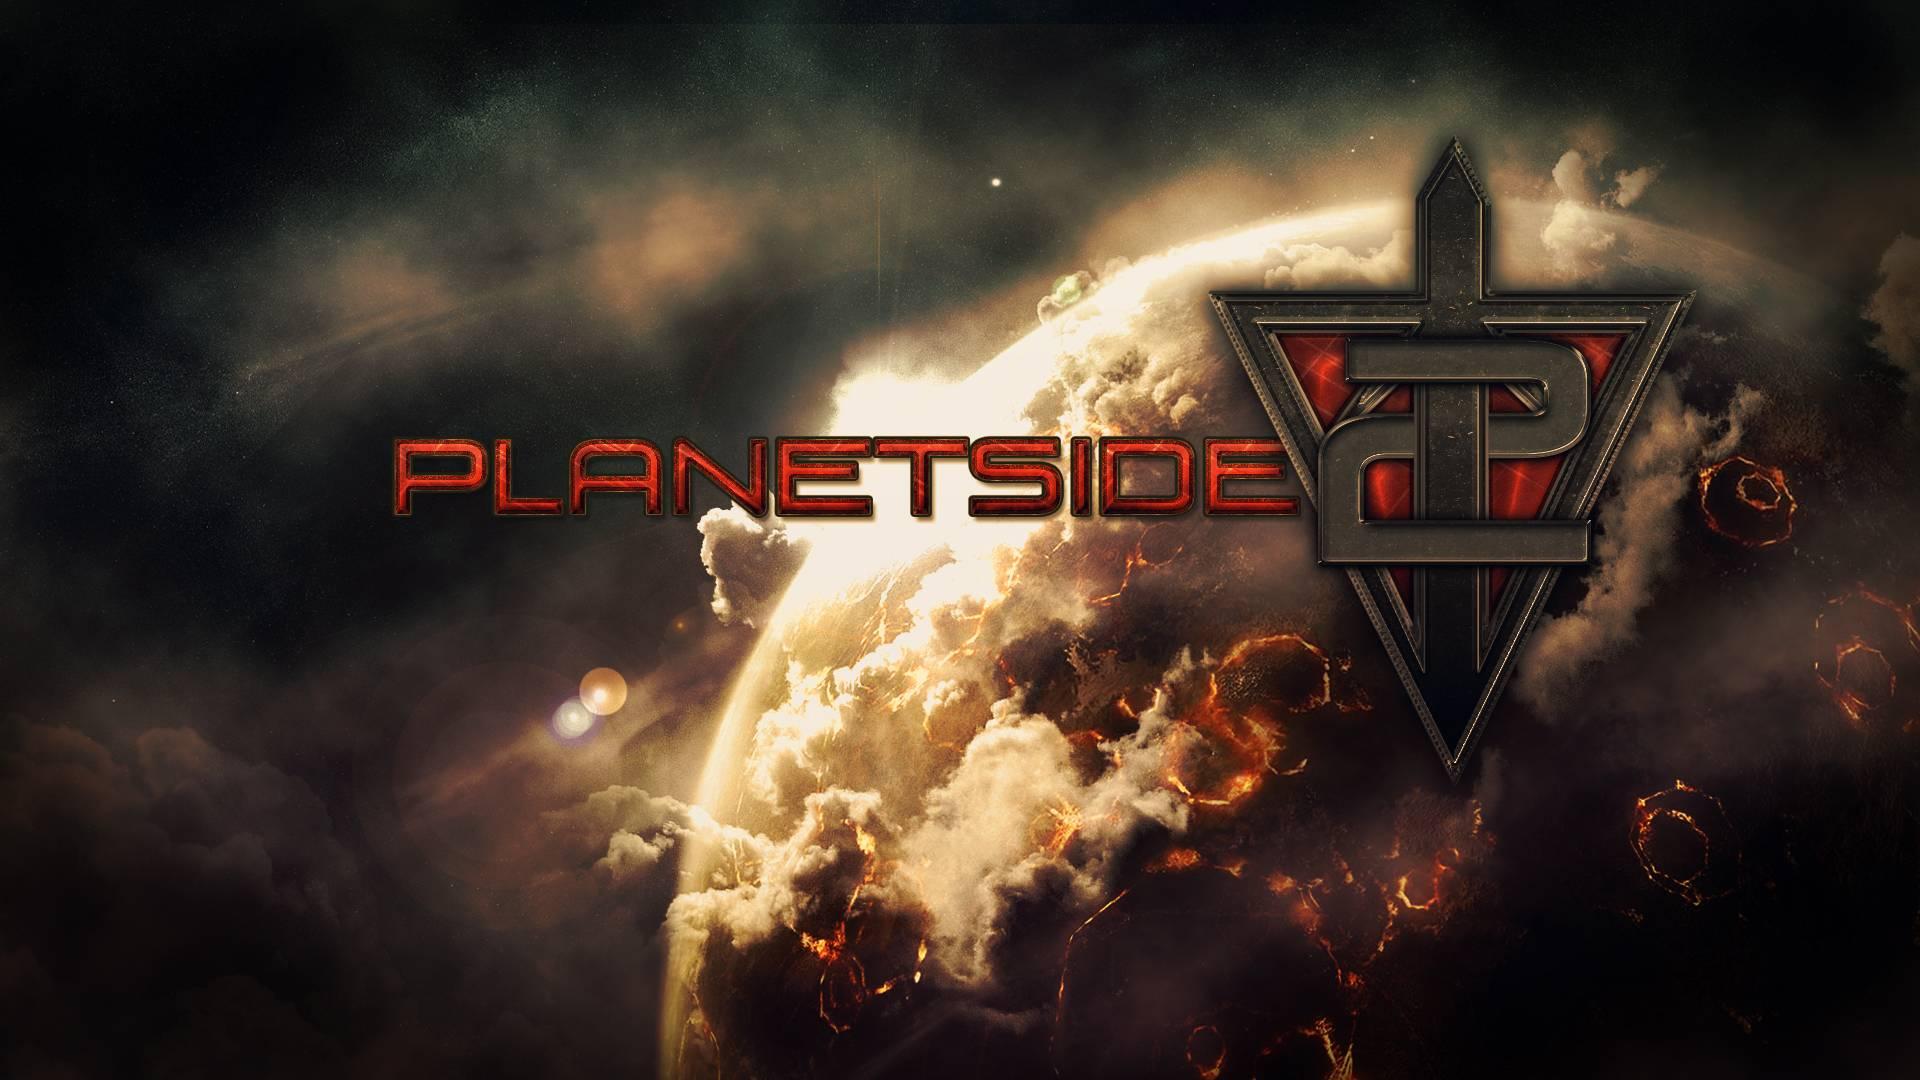 Planetside 2 hd